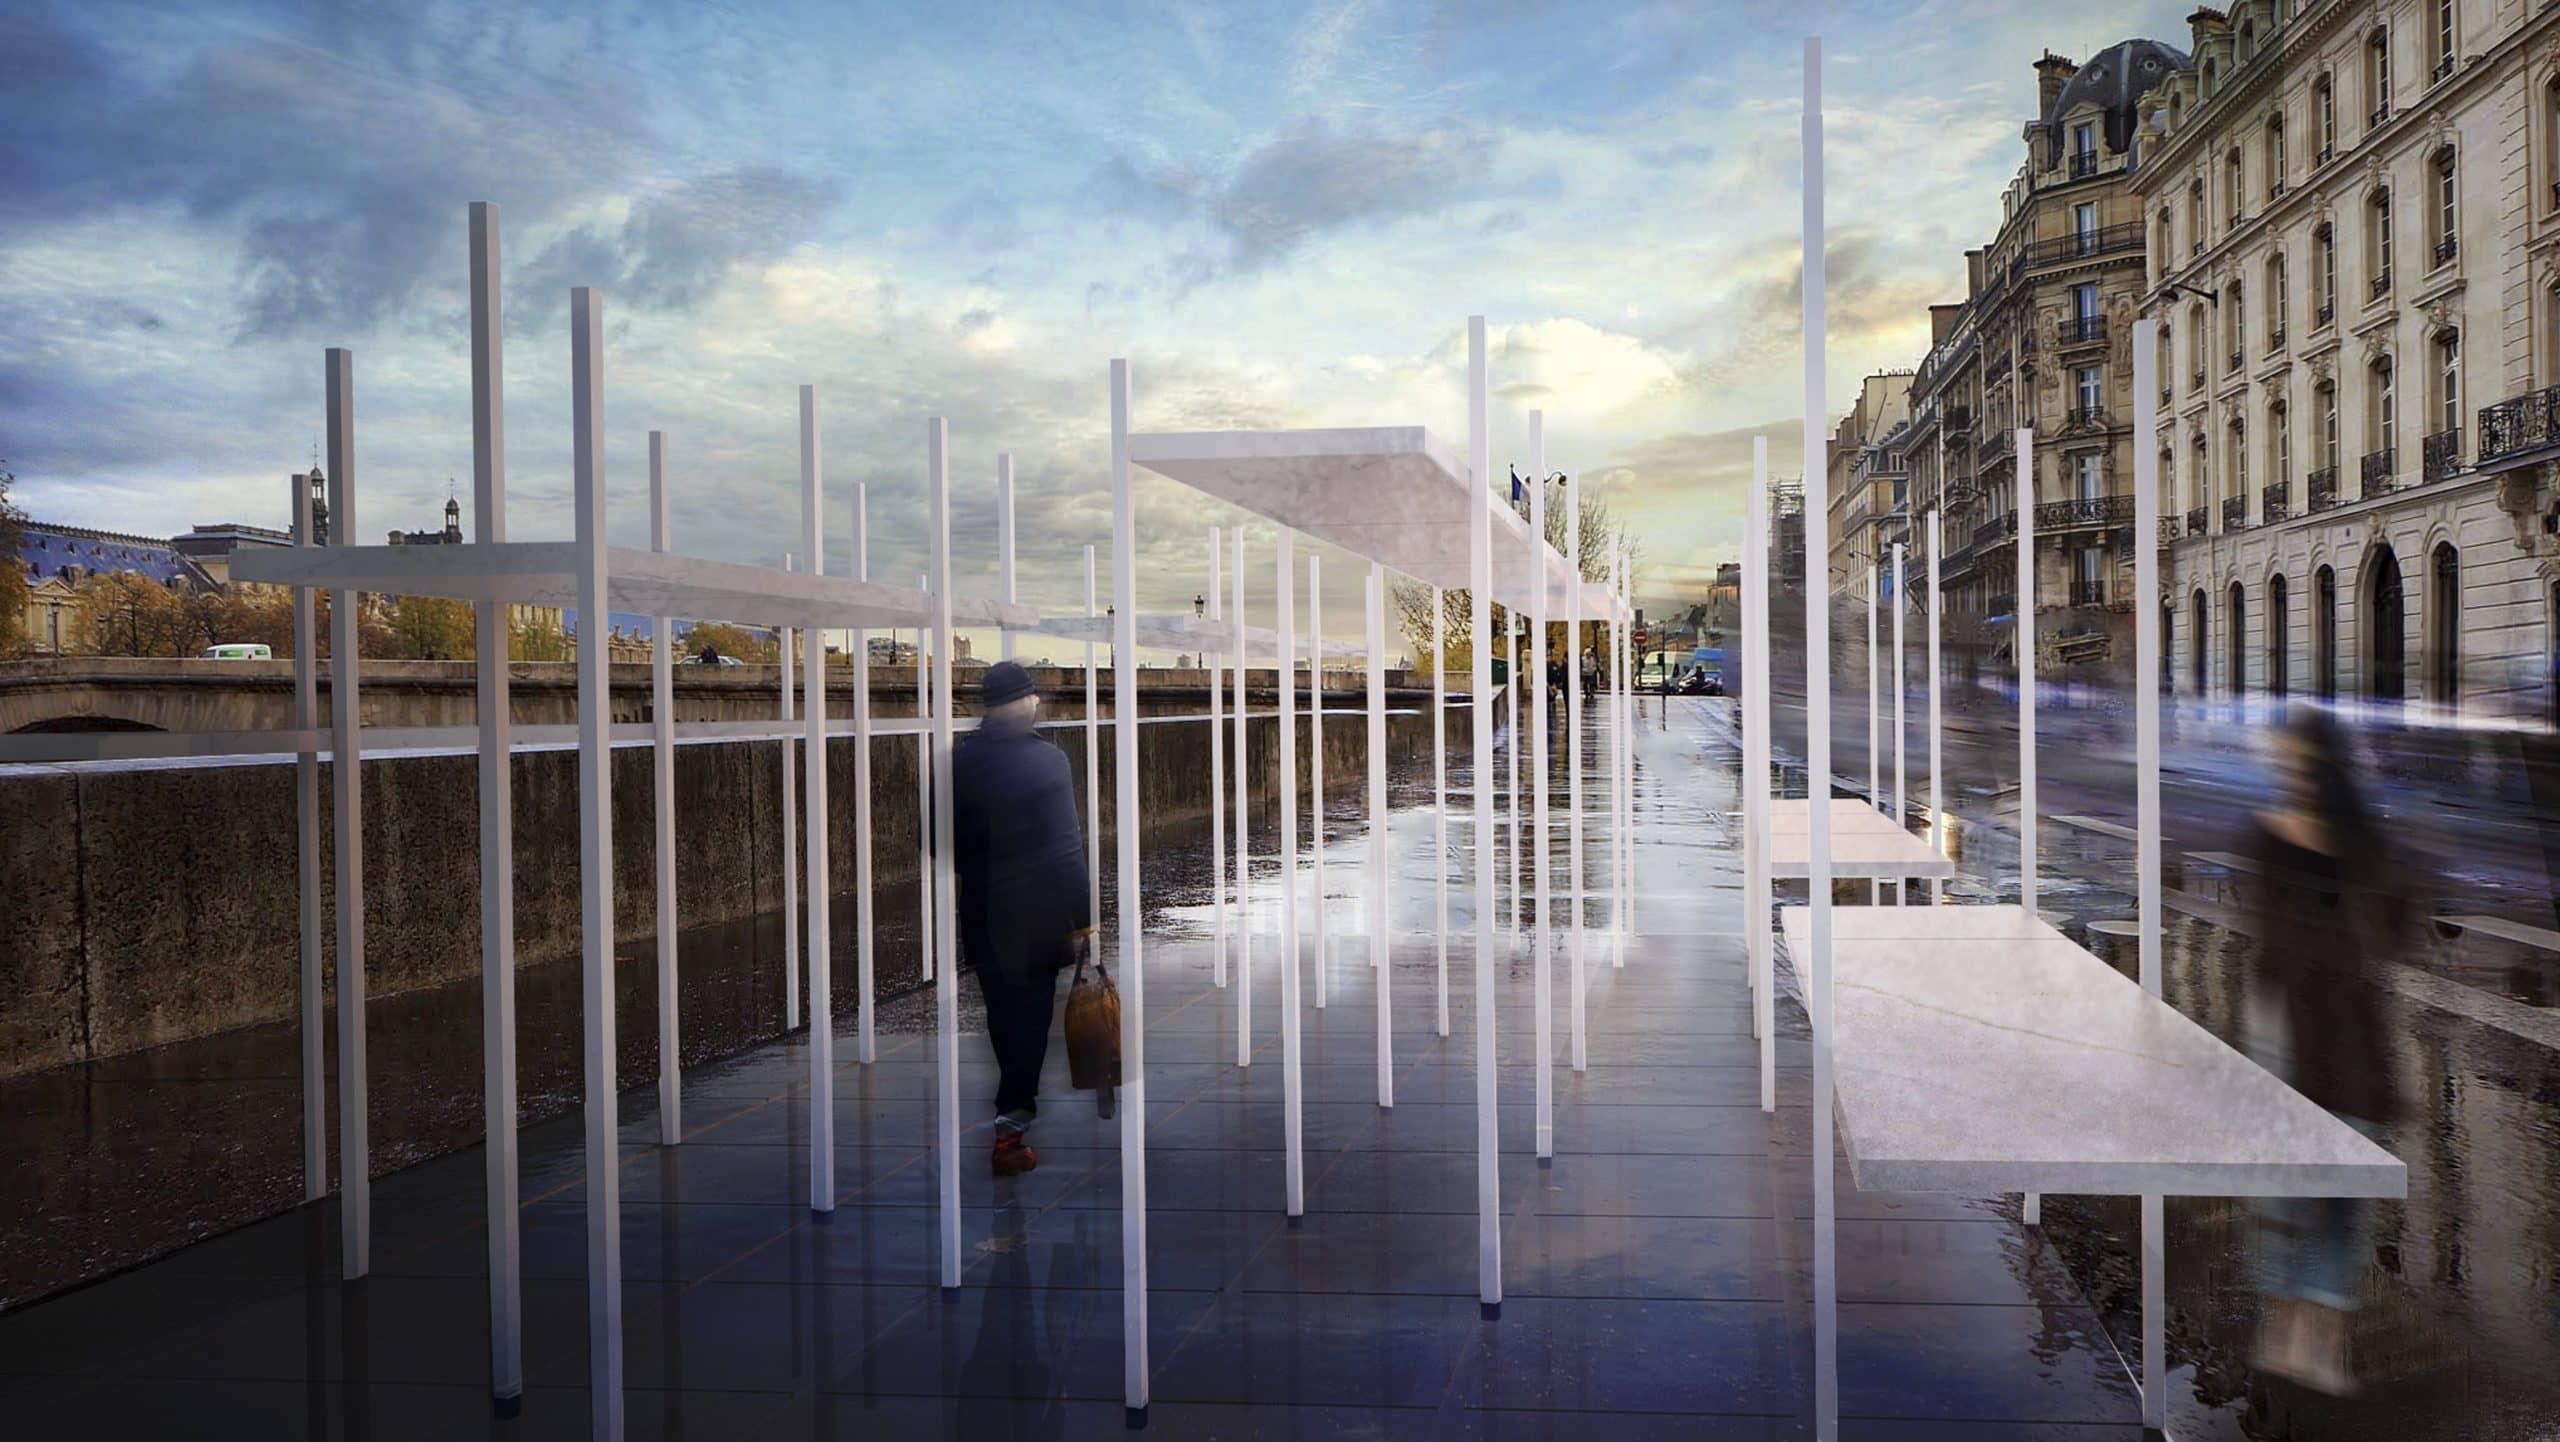 Concursos de Arquitectura Render primer premio